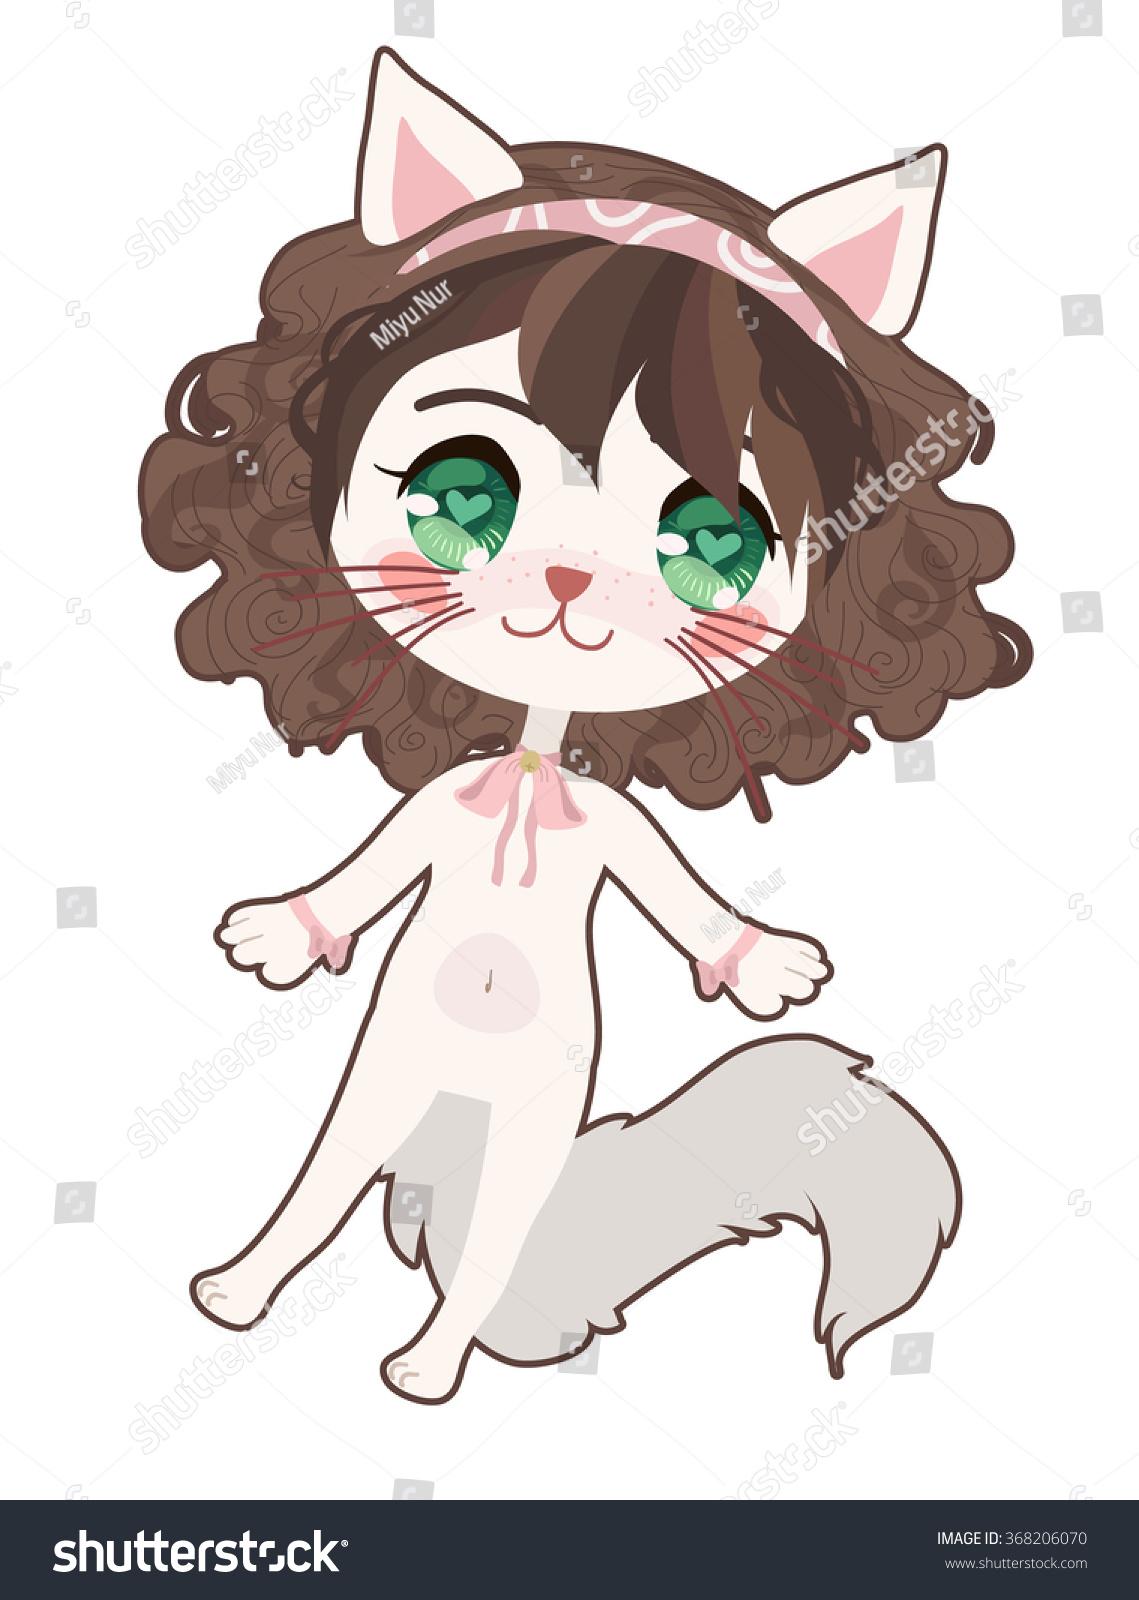 Cute Anime Cat Girl Stock Vector Shutterstock